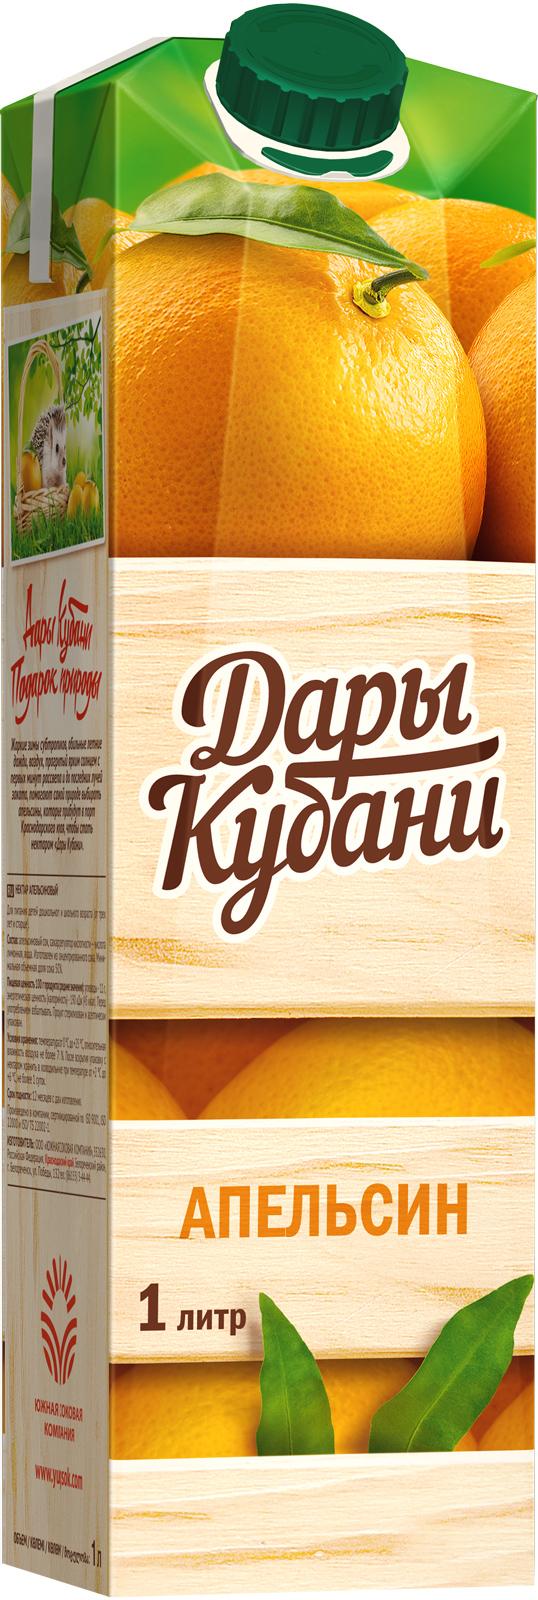 Нектар Дары Кубани апельсиновый 1 л дары кубани масло подсолнечное рафинированное высший сорт 1 л